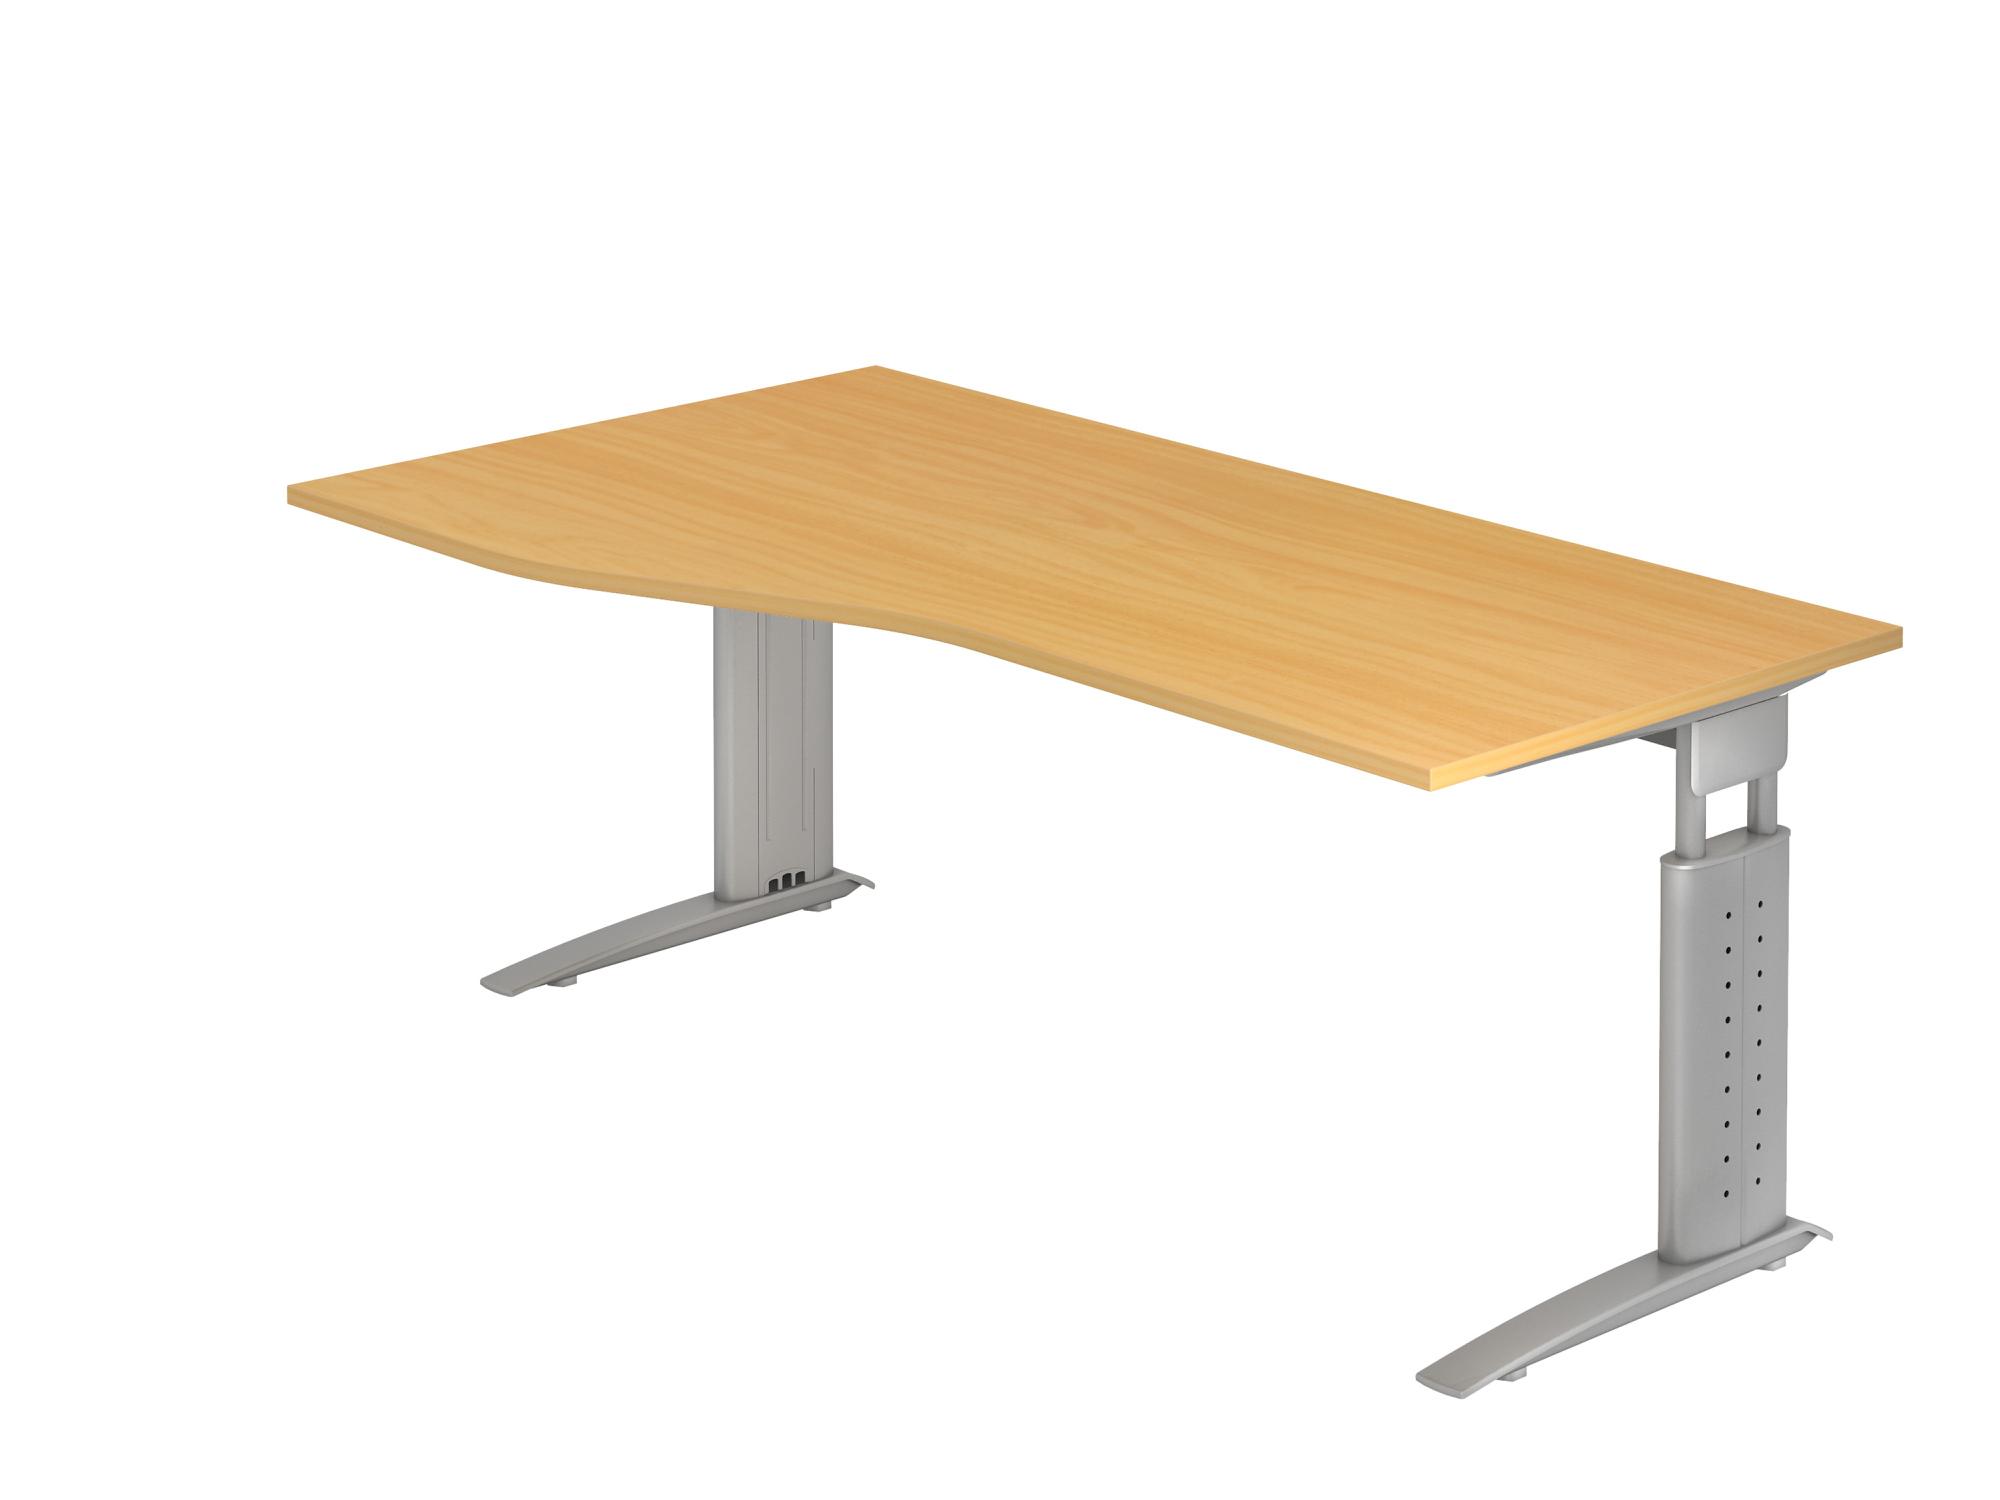 Schreibtisch hohenverstellung - Stehtisch buro selber bauen ...